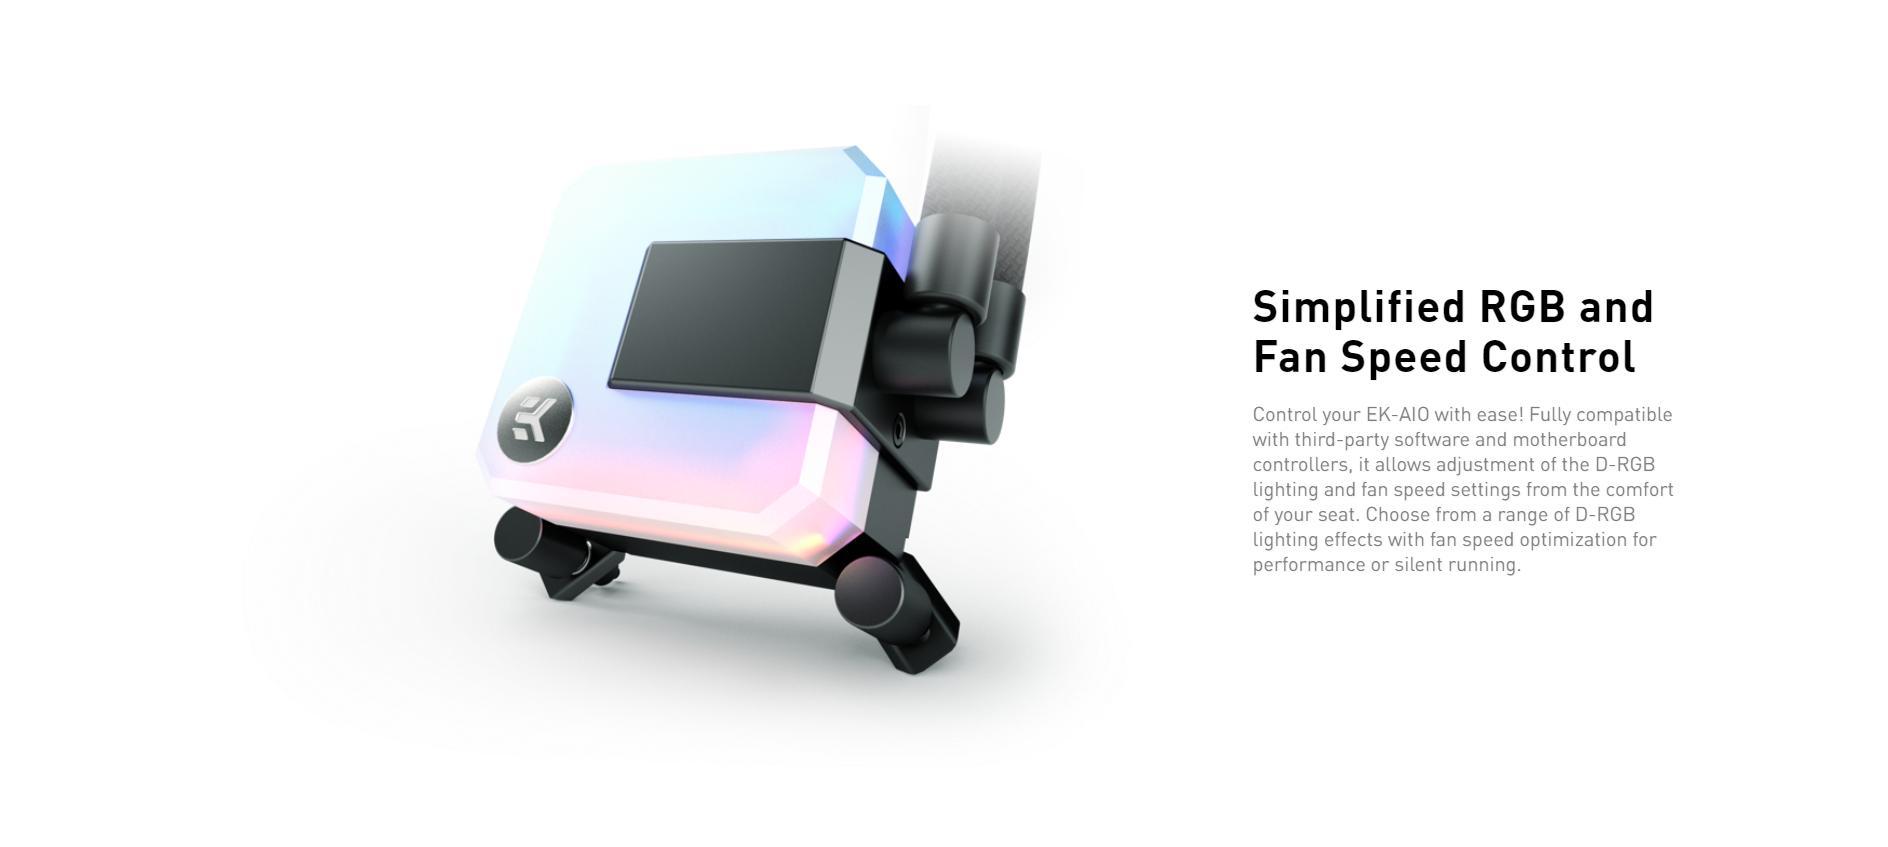 Tản nhiệt nước EK-AIO 240 D-RGB có thể điều chỉnh đèn RGB và tốc độ quạt, bơm đơn giản